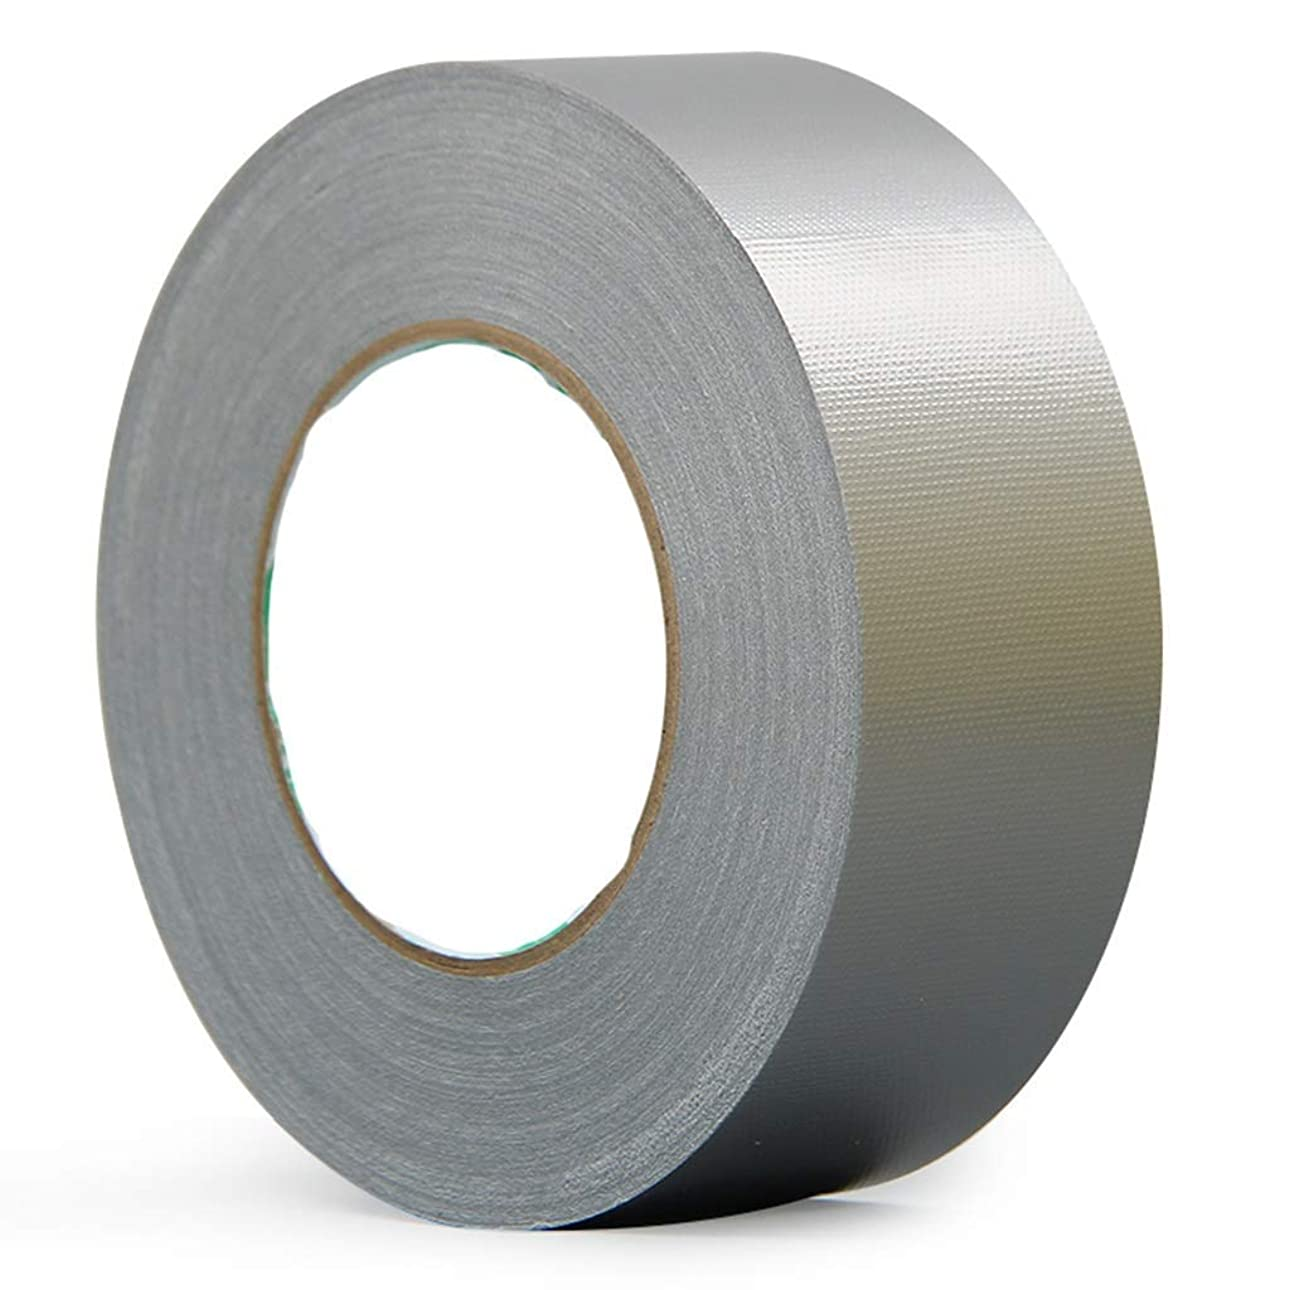 巻き取り干ばつピッチ高粘着布テープ強力布テープ防水カーテープ強力防水テープフロアテープ、防水粘着テープクリア